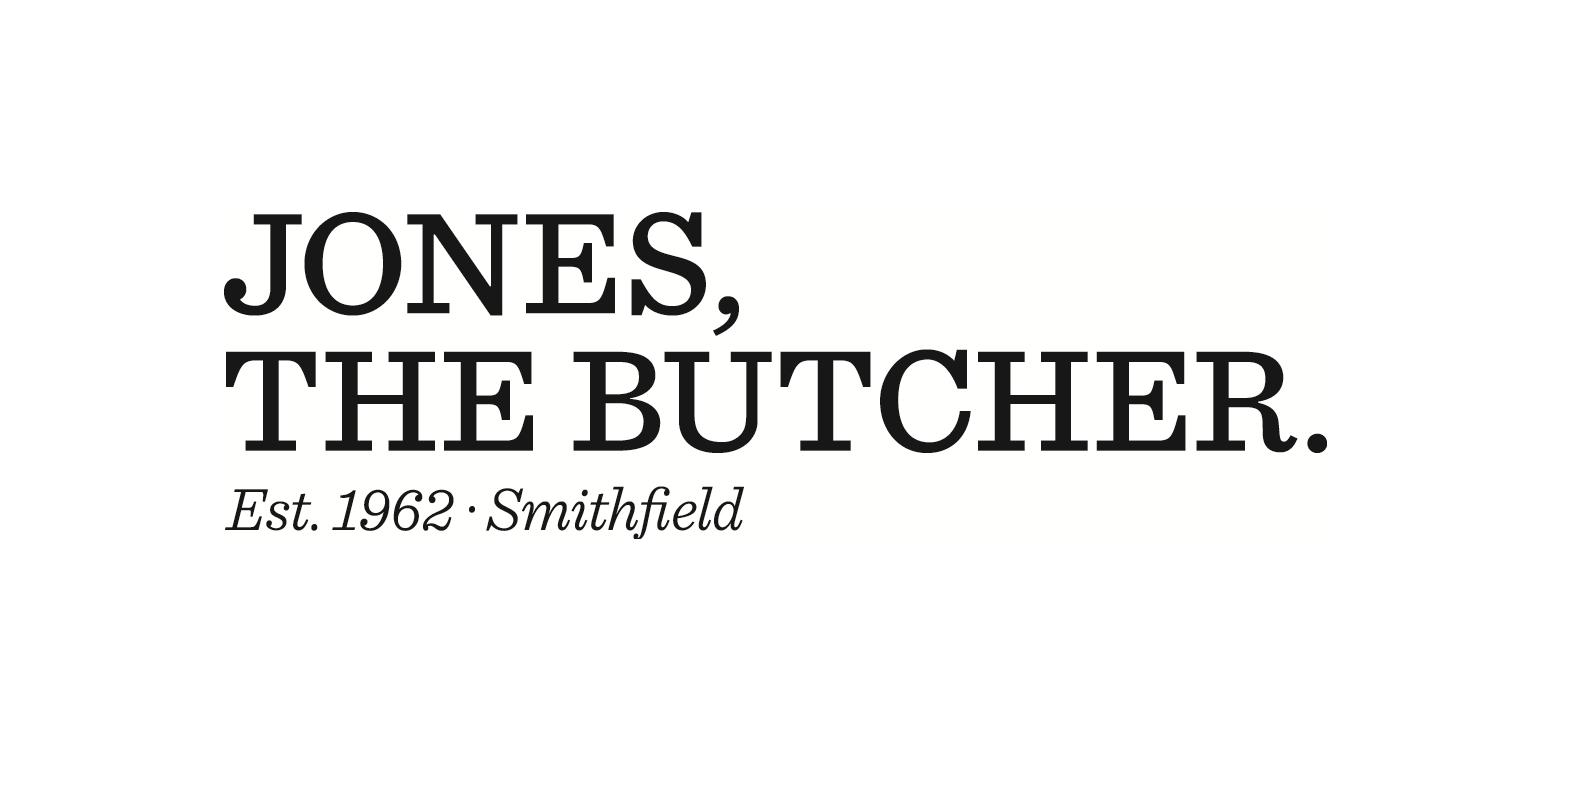 Jones, the Butcher